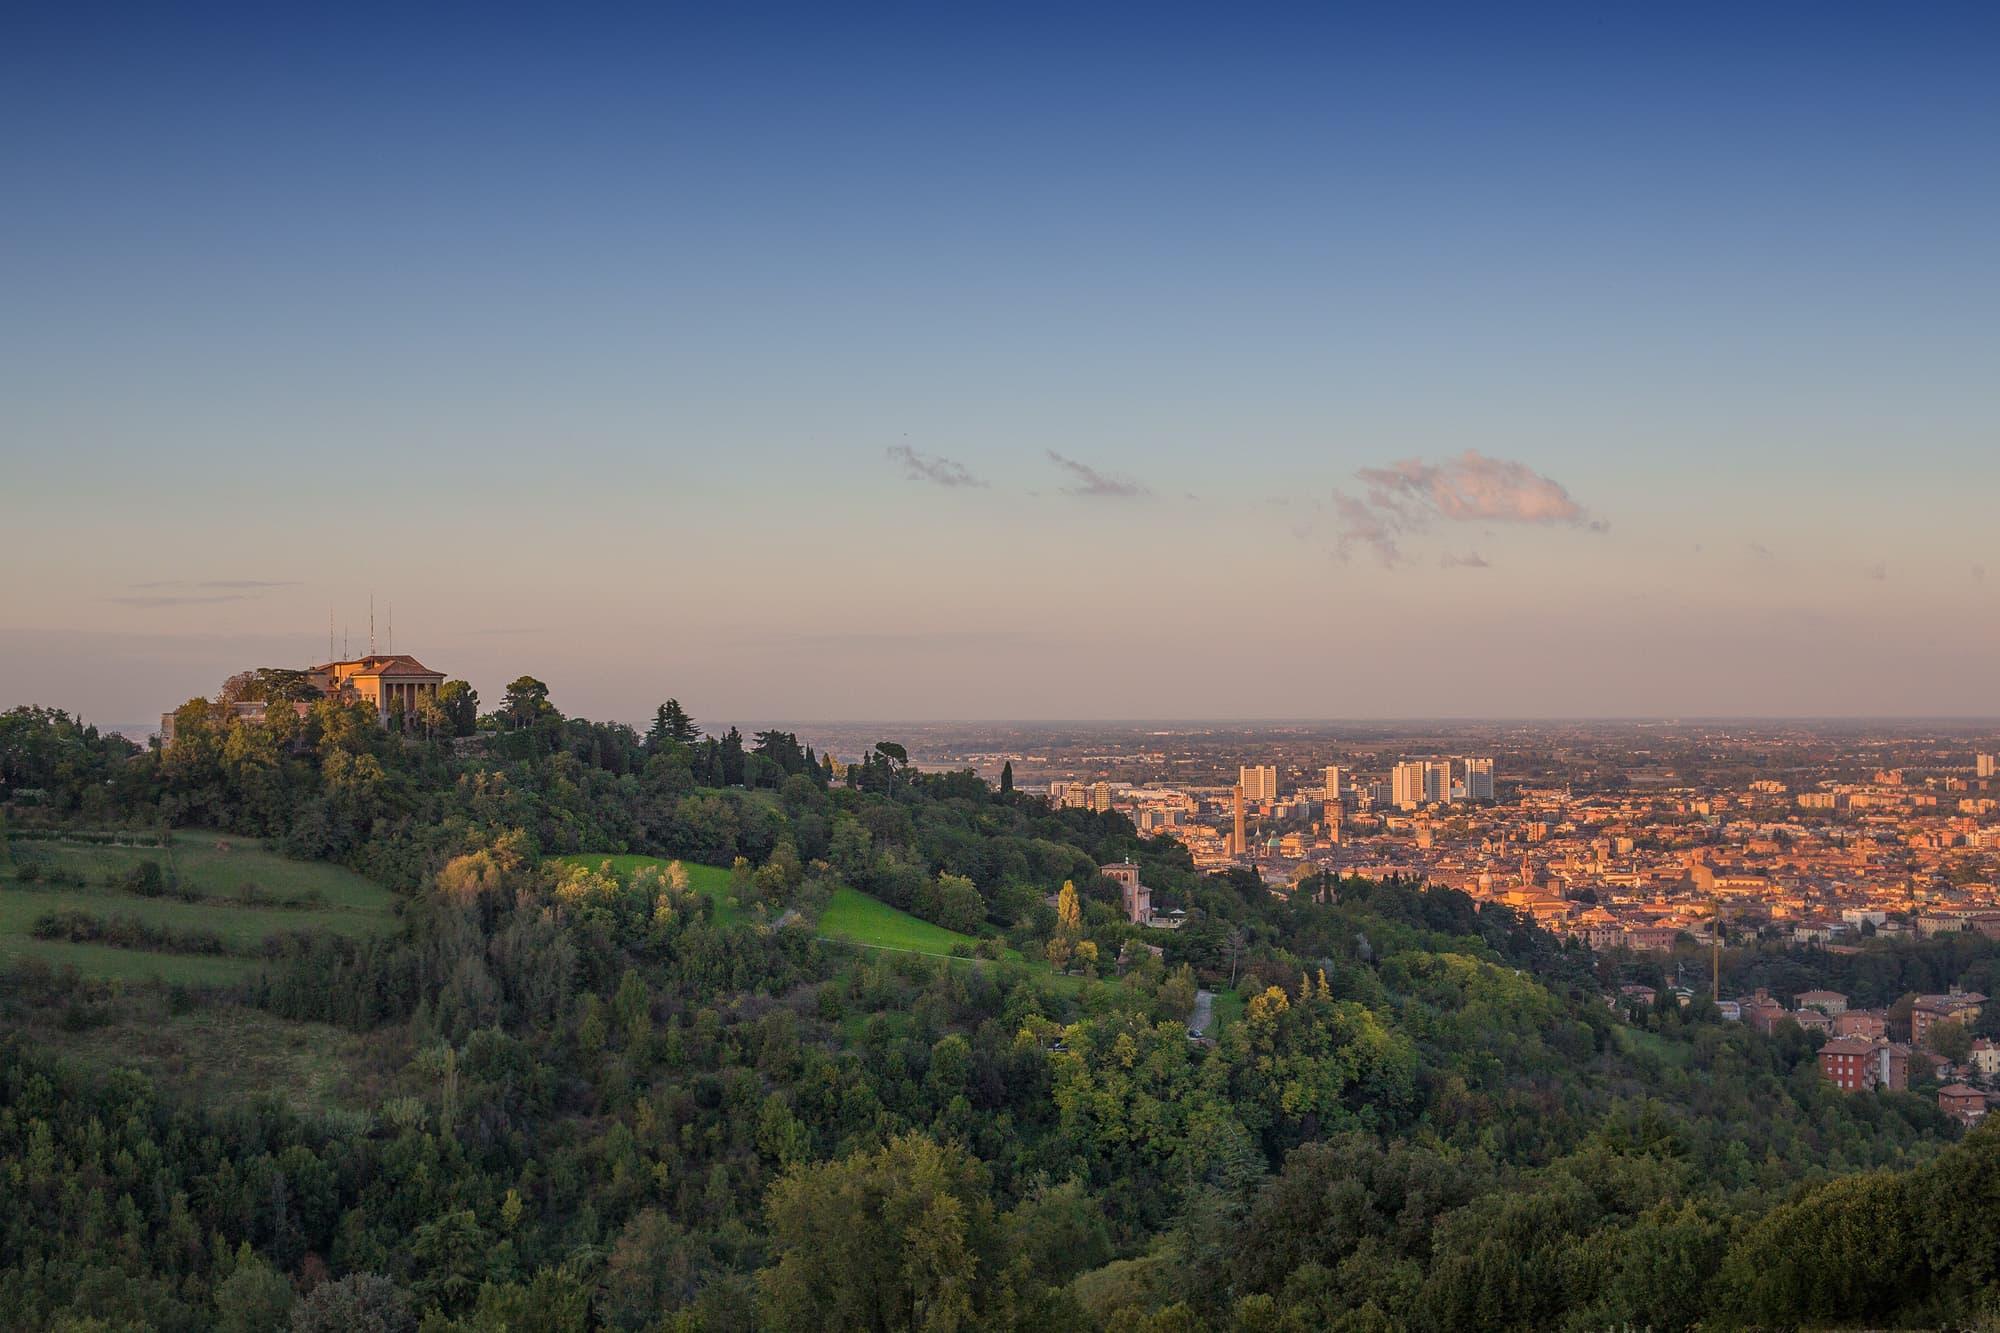 [Parlami di tER] Gli spazi verdi della città Rossa, Bologna!